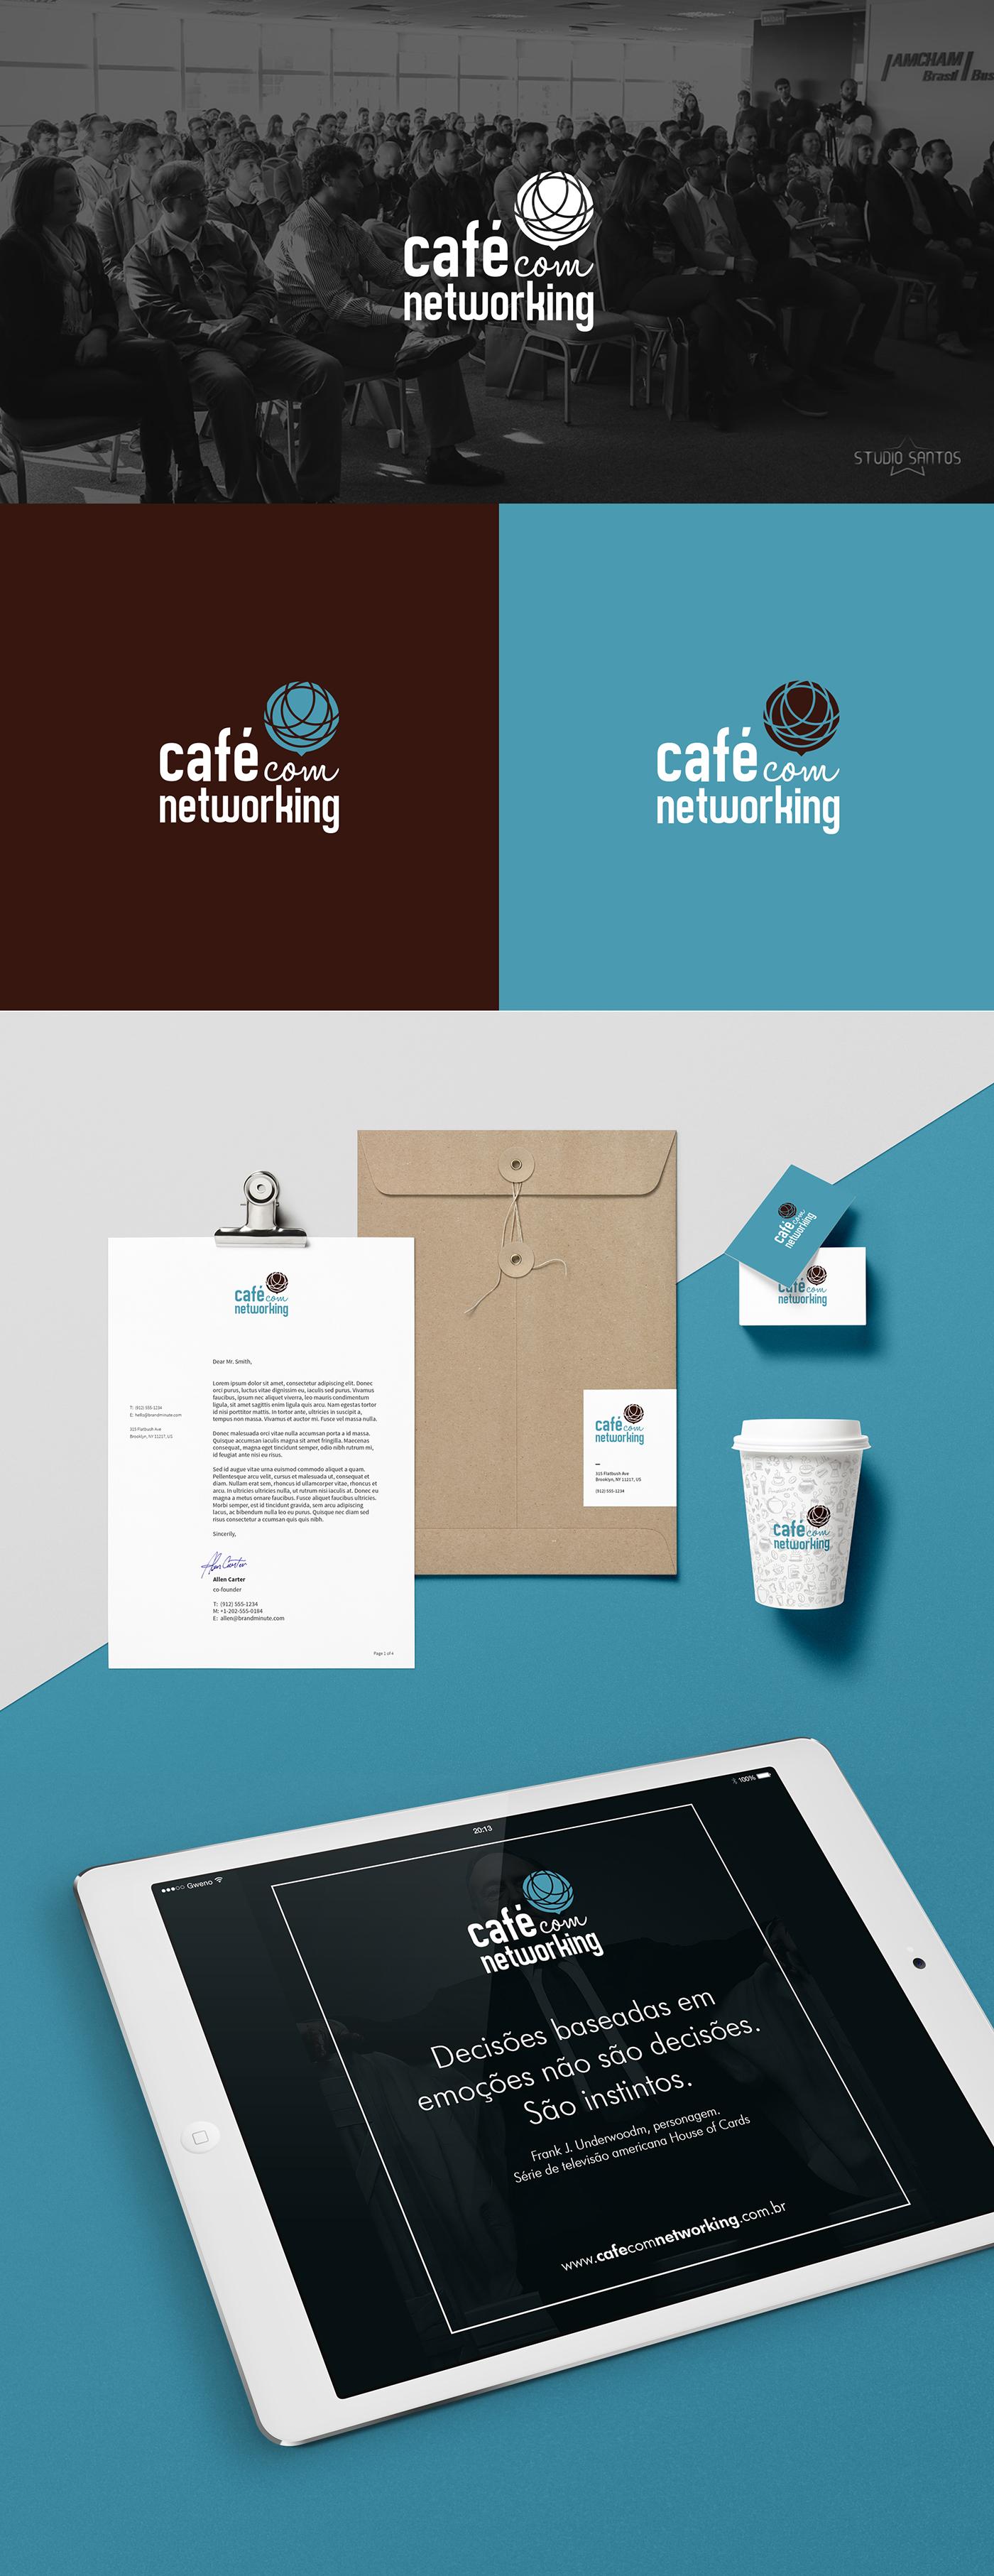 networking pessoas comunicação cafe Evento Coffee people logo brand communication blue